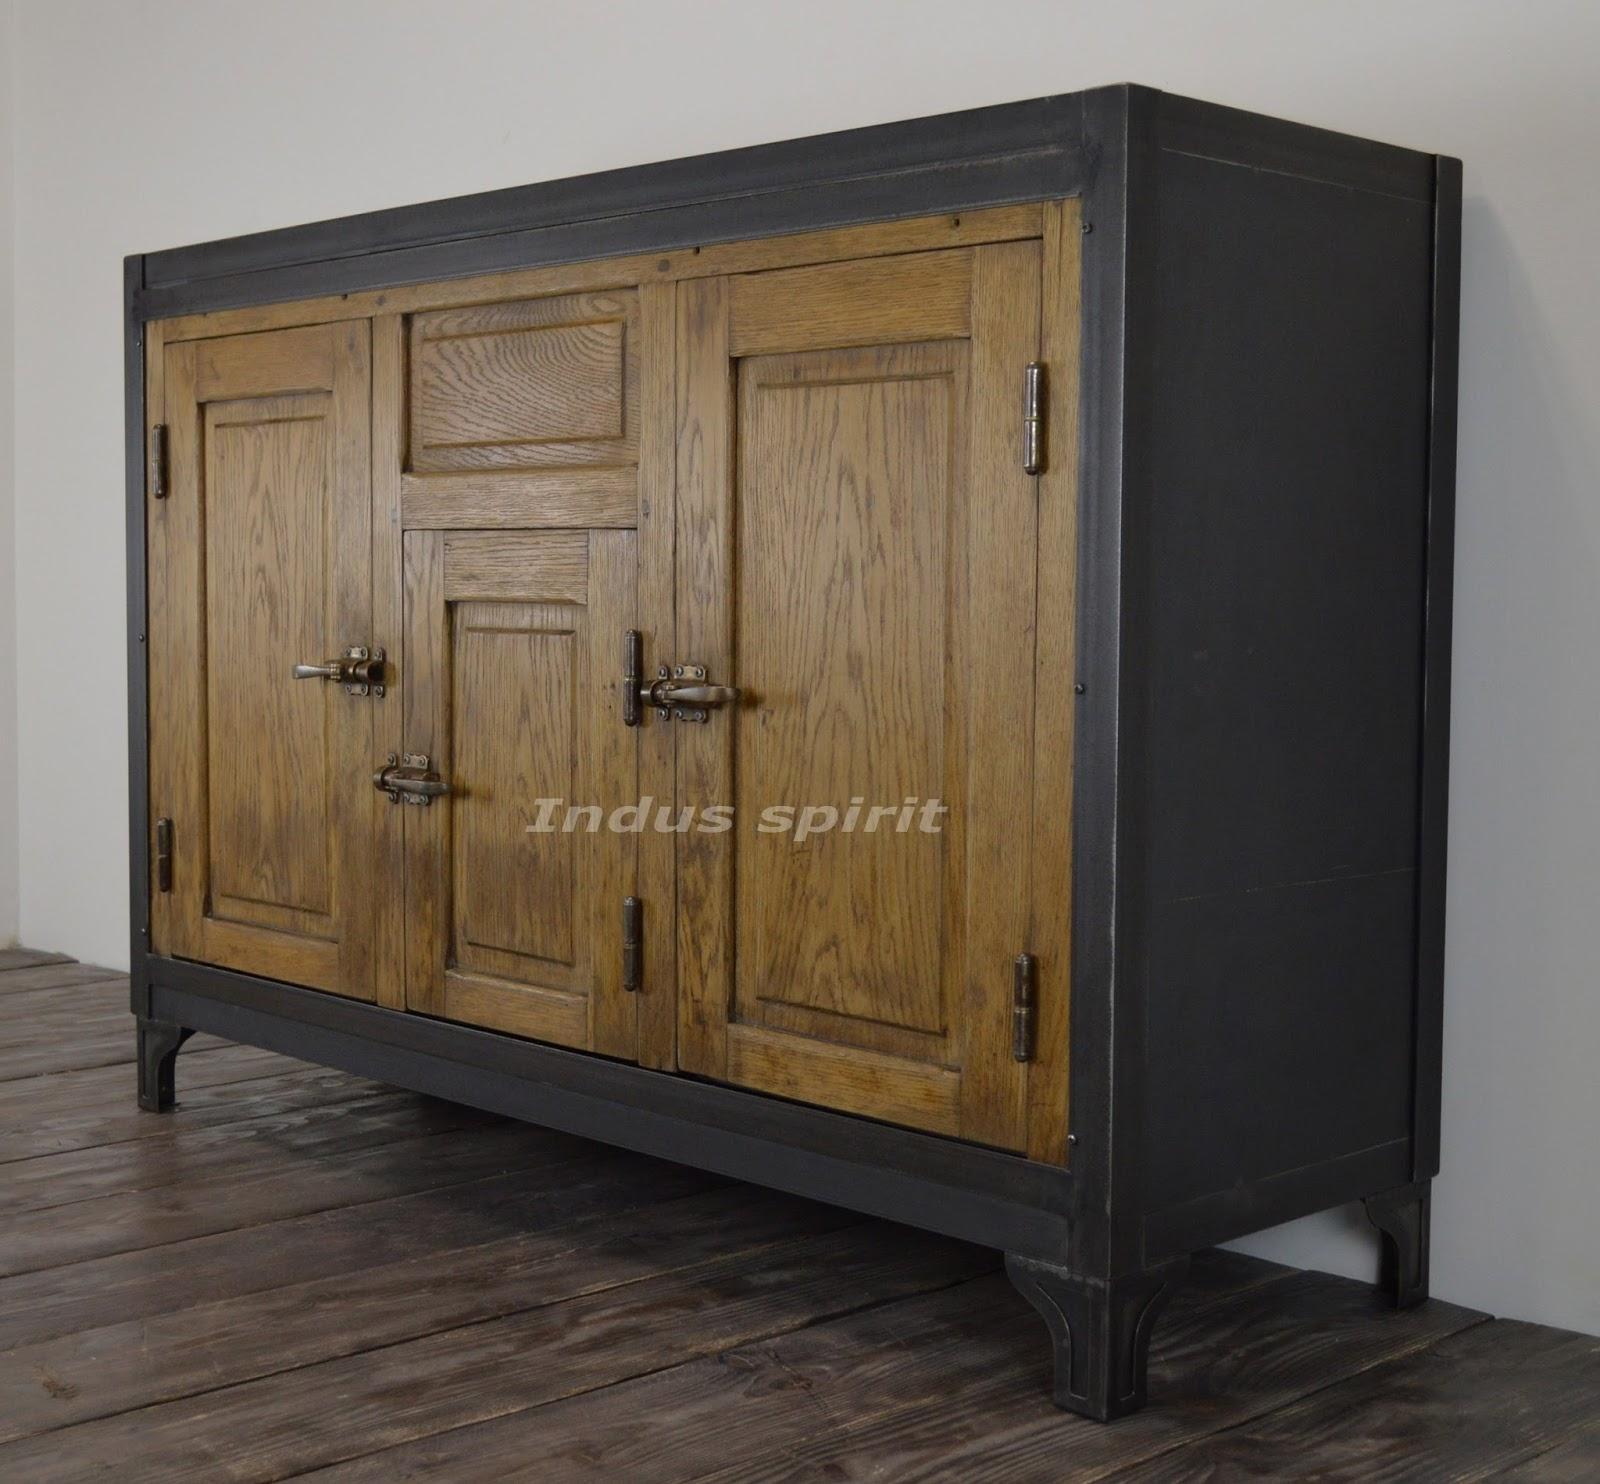 08 01 2011 09 01 2011. Black Bedroom Furniture Sets. Home Design Ideas